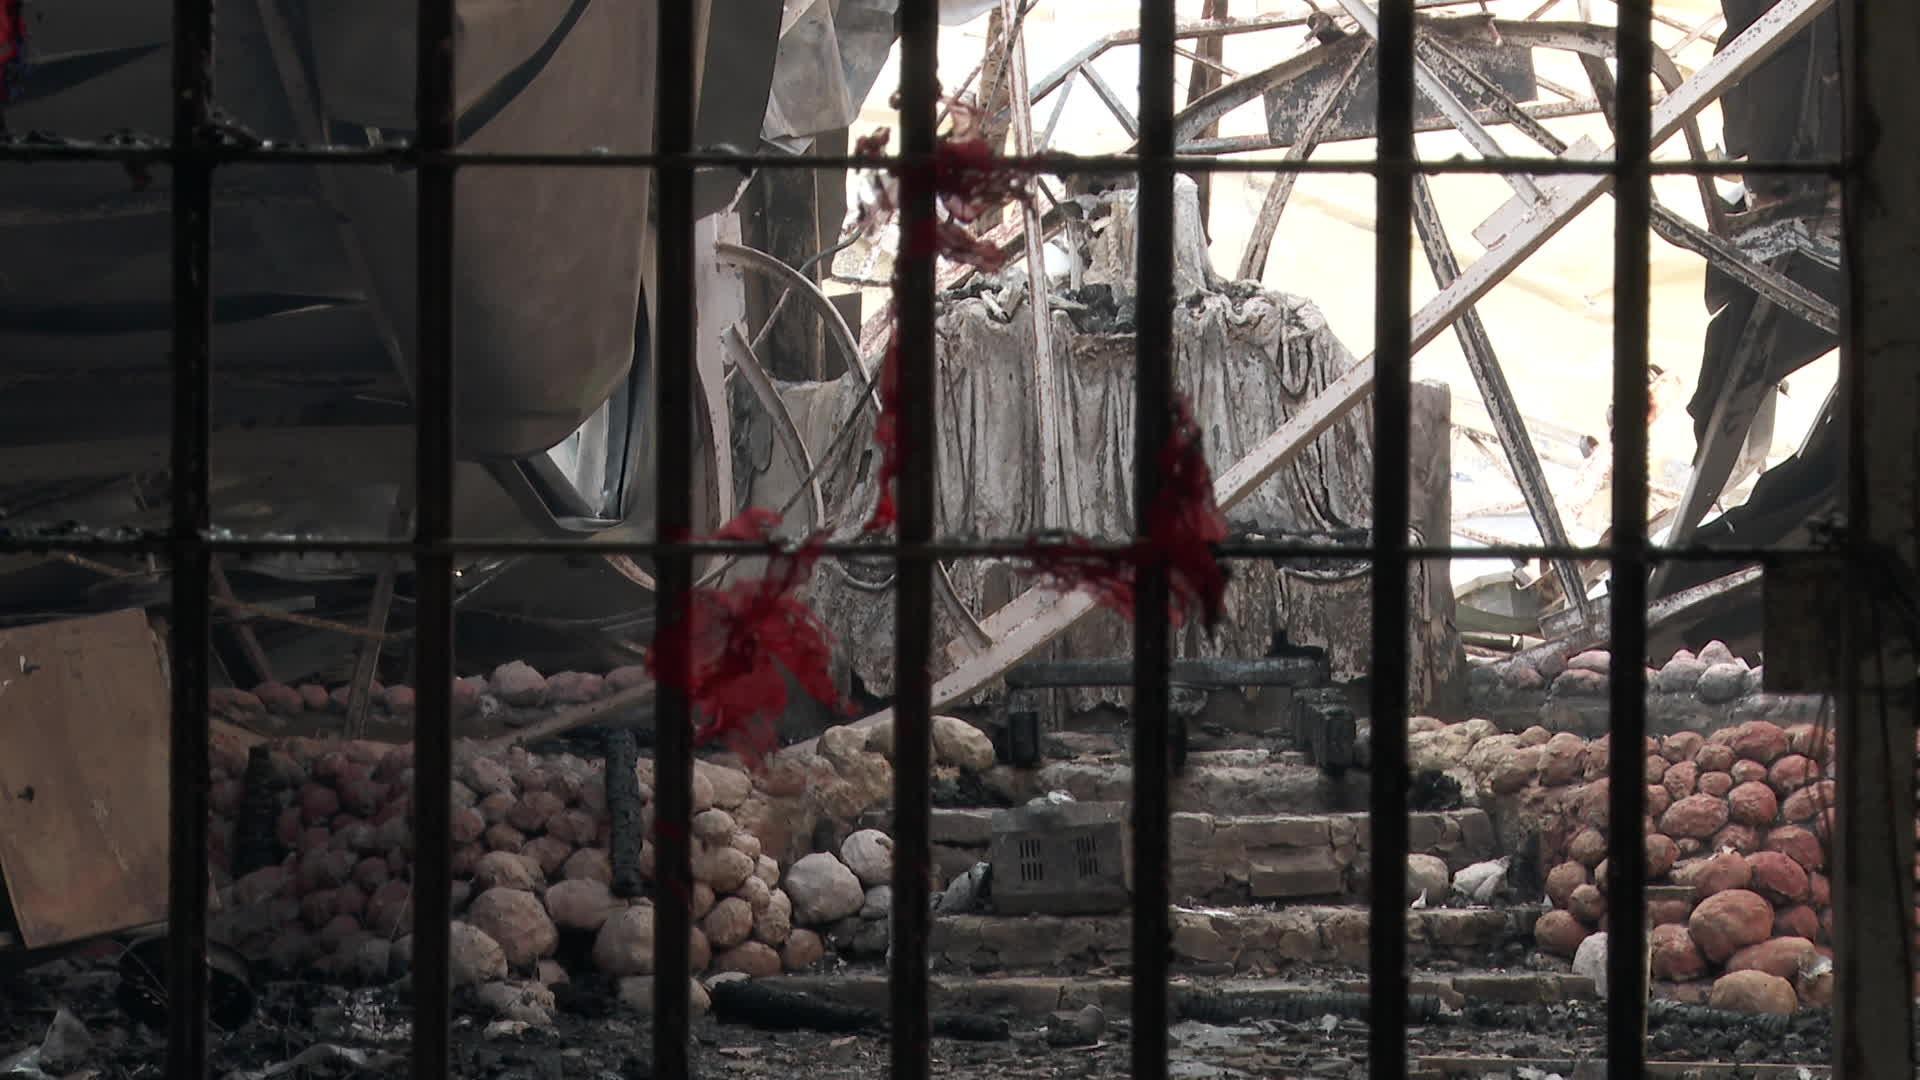 Laudo aponta necessidade de demolição de estruturas de mercado de artesanato atingido por incêndio em Itapissuma